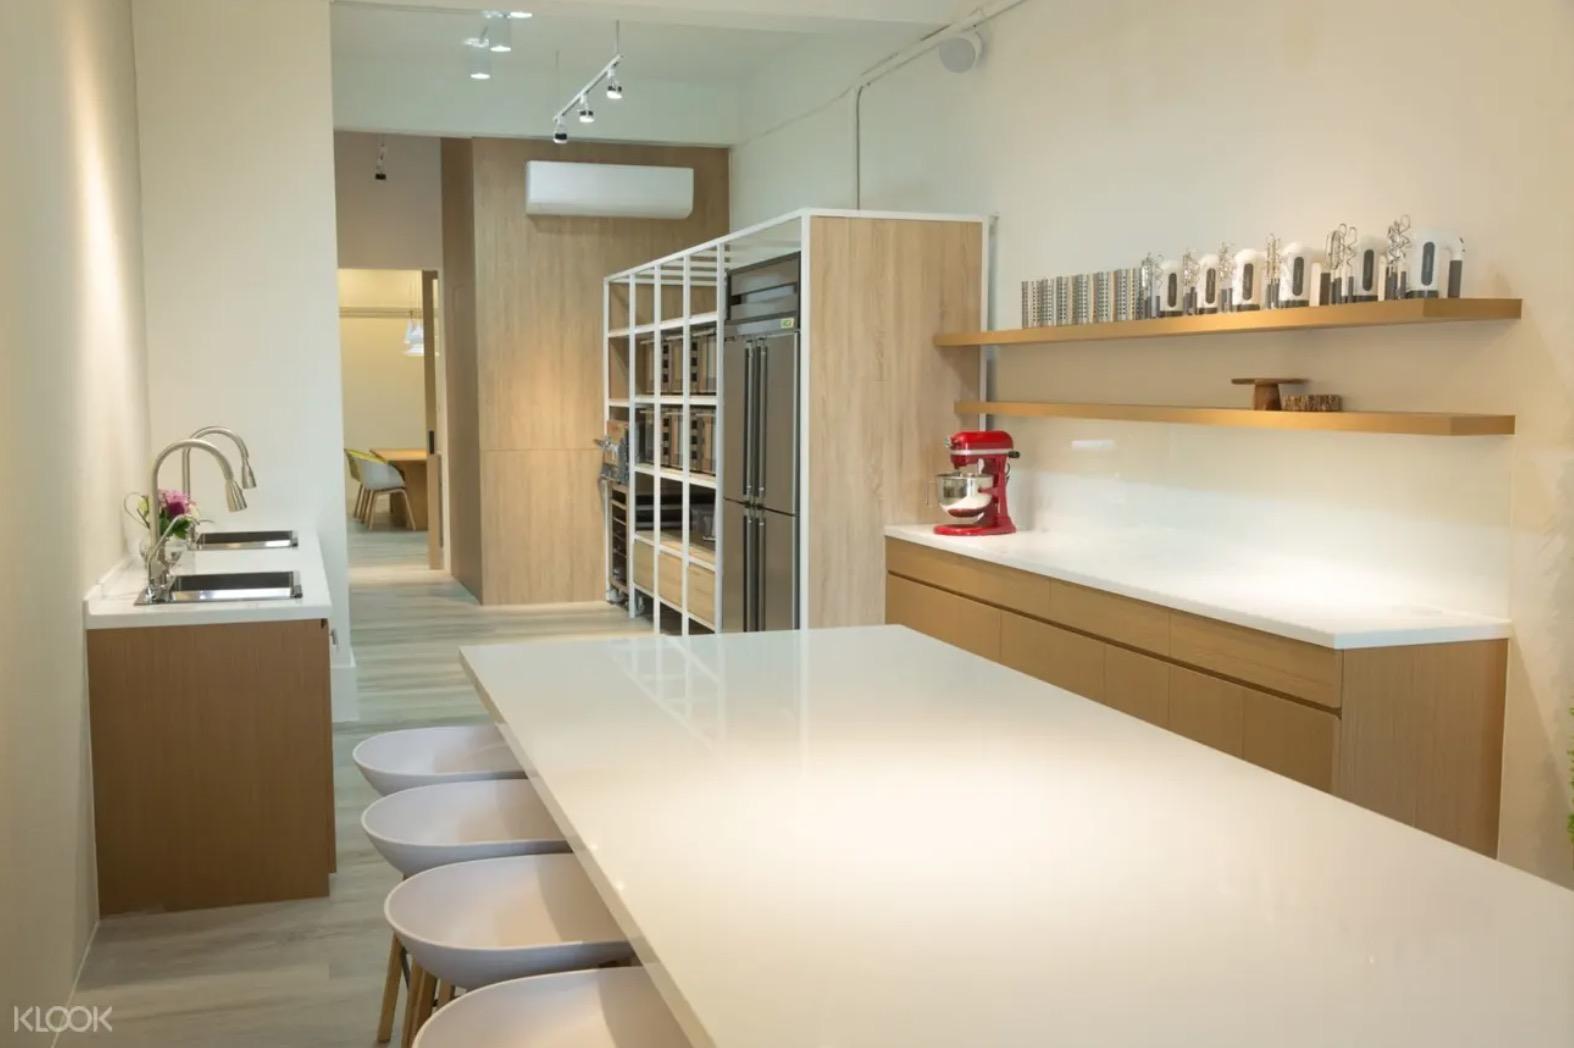 Hananeco花貓蛋糕實驗室 - 教室環境